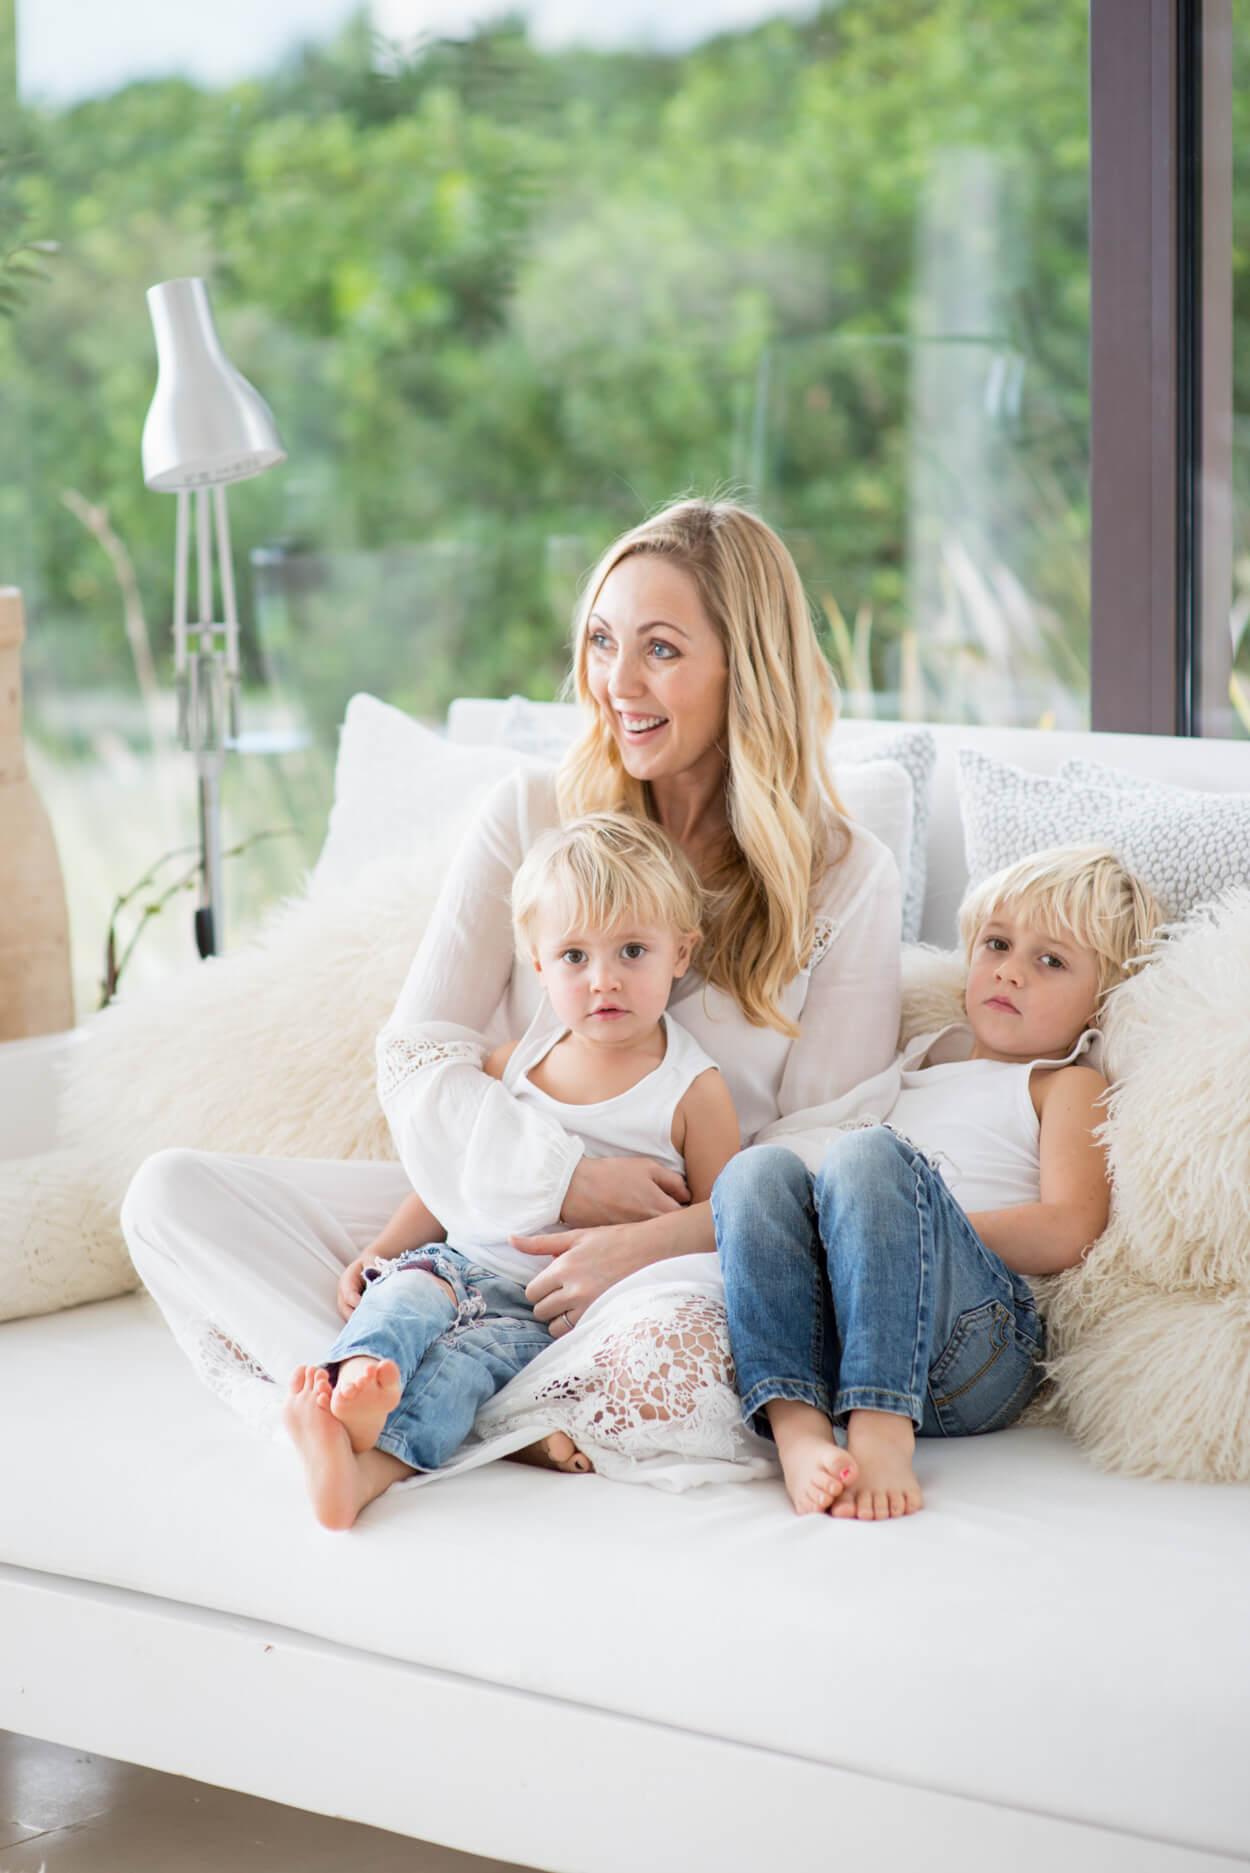 gemma bowman mother son portrait at home